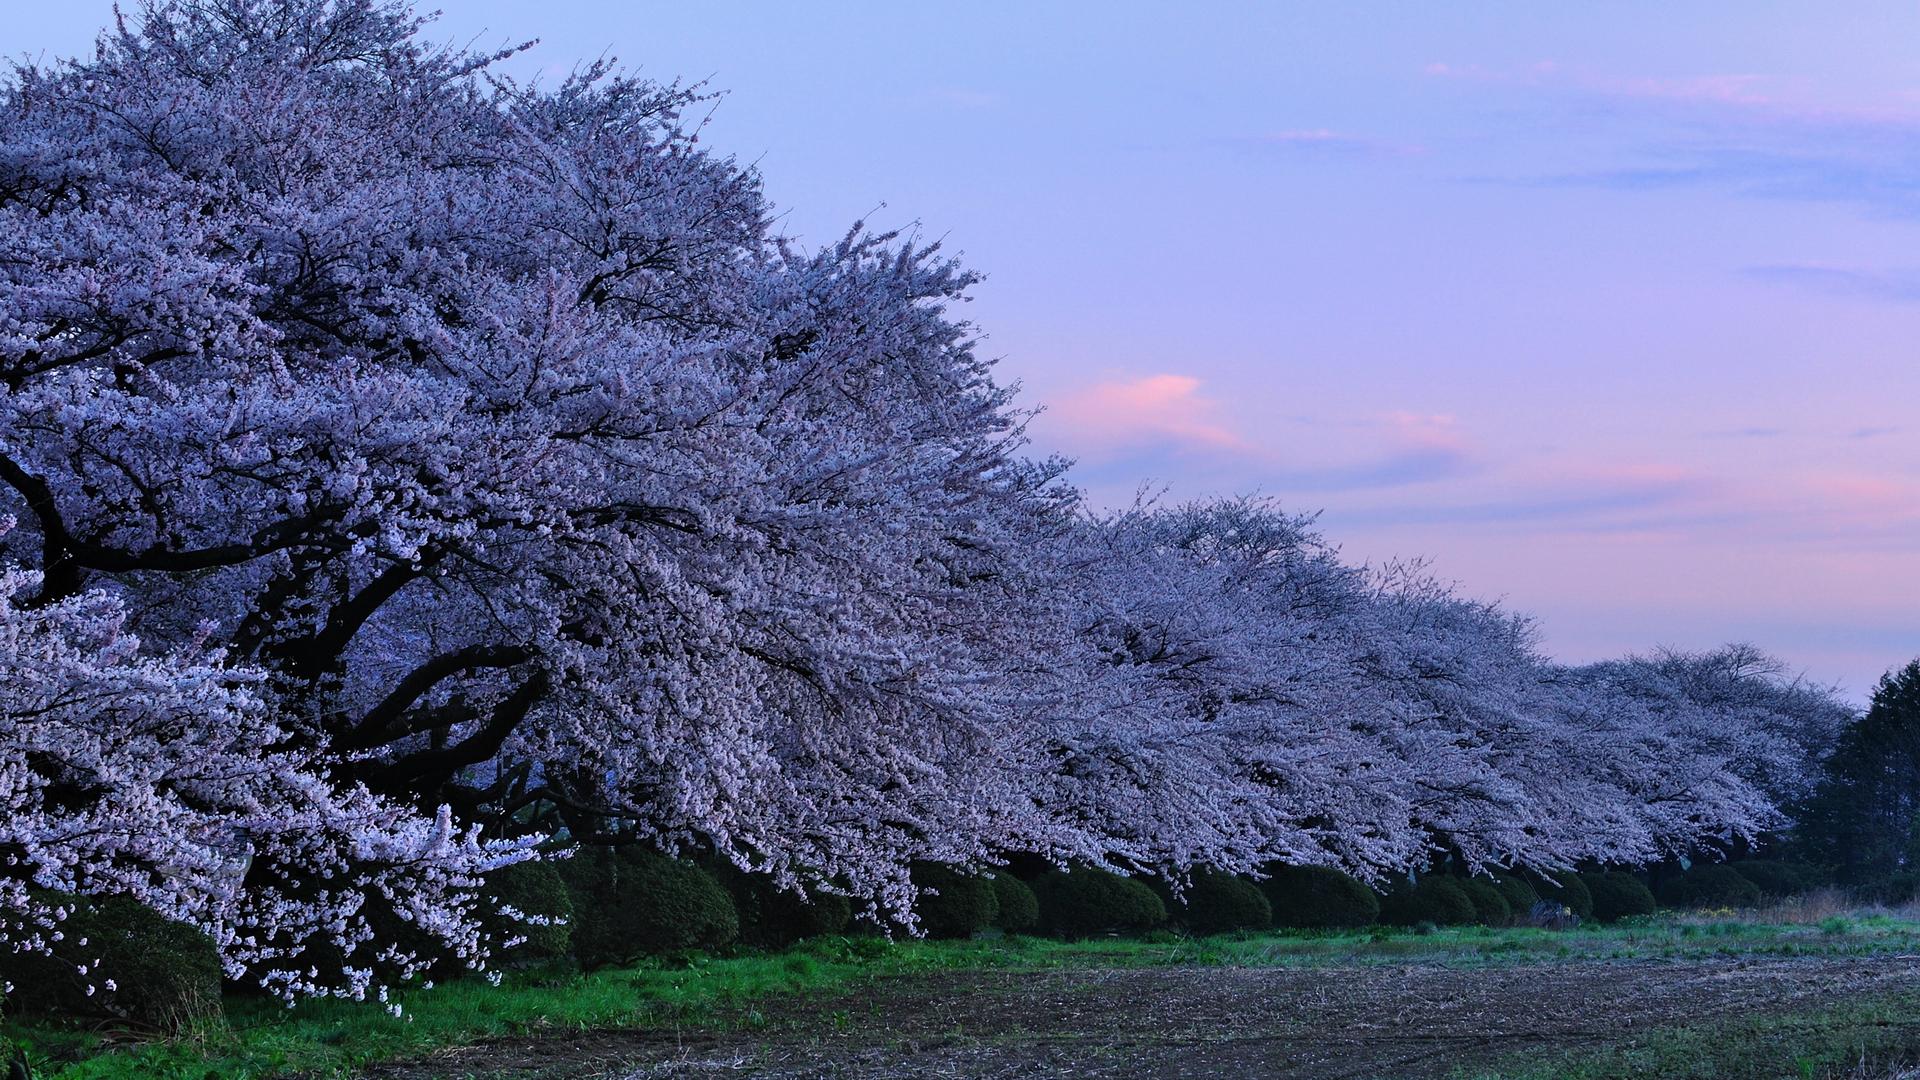 Обои на стену с цветущей сакурой и вишней в интерьере